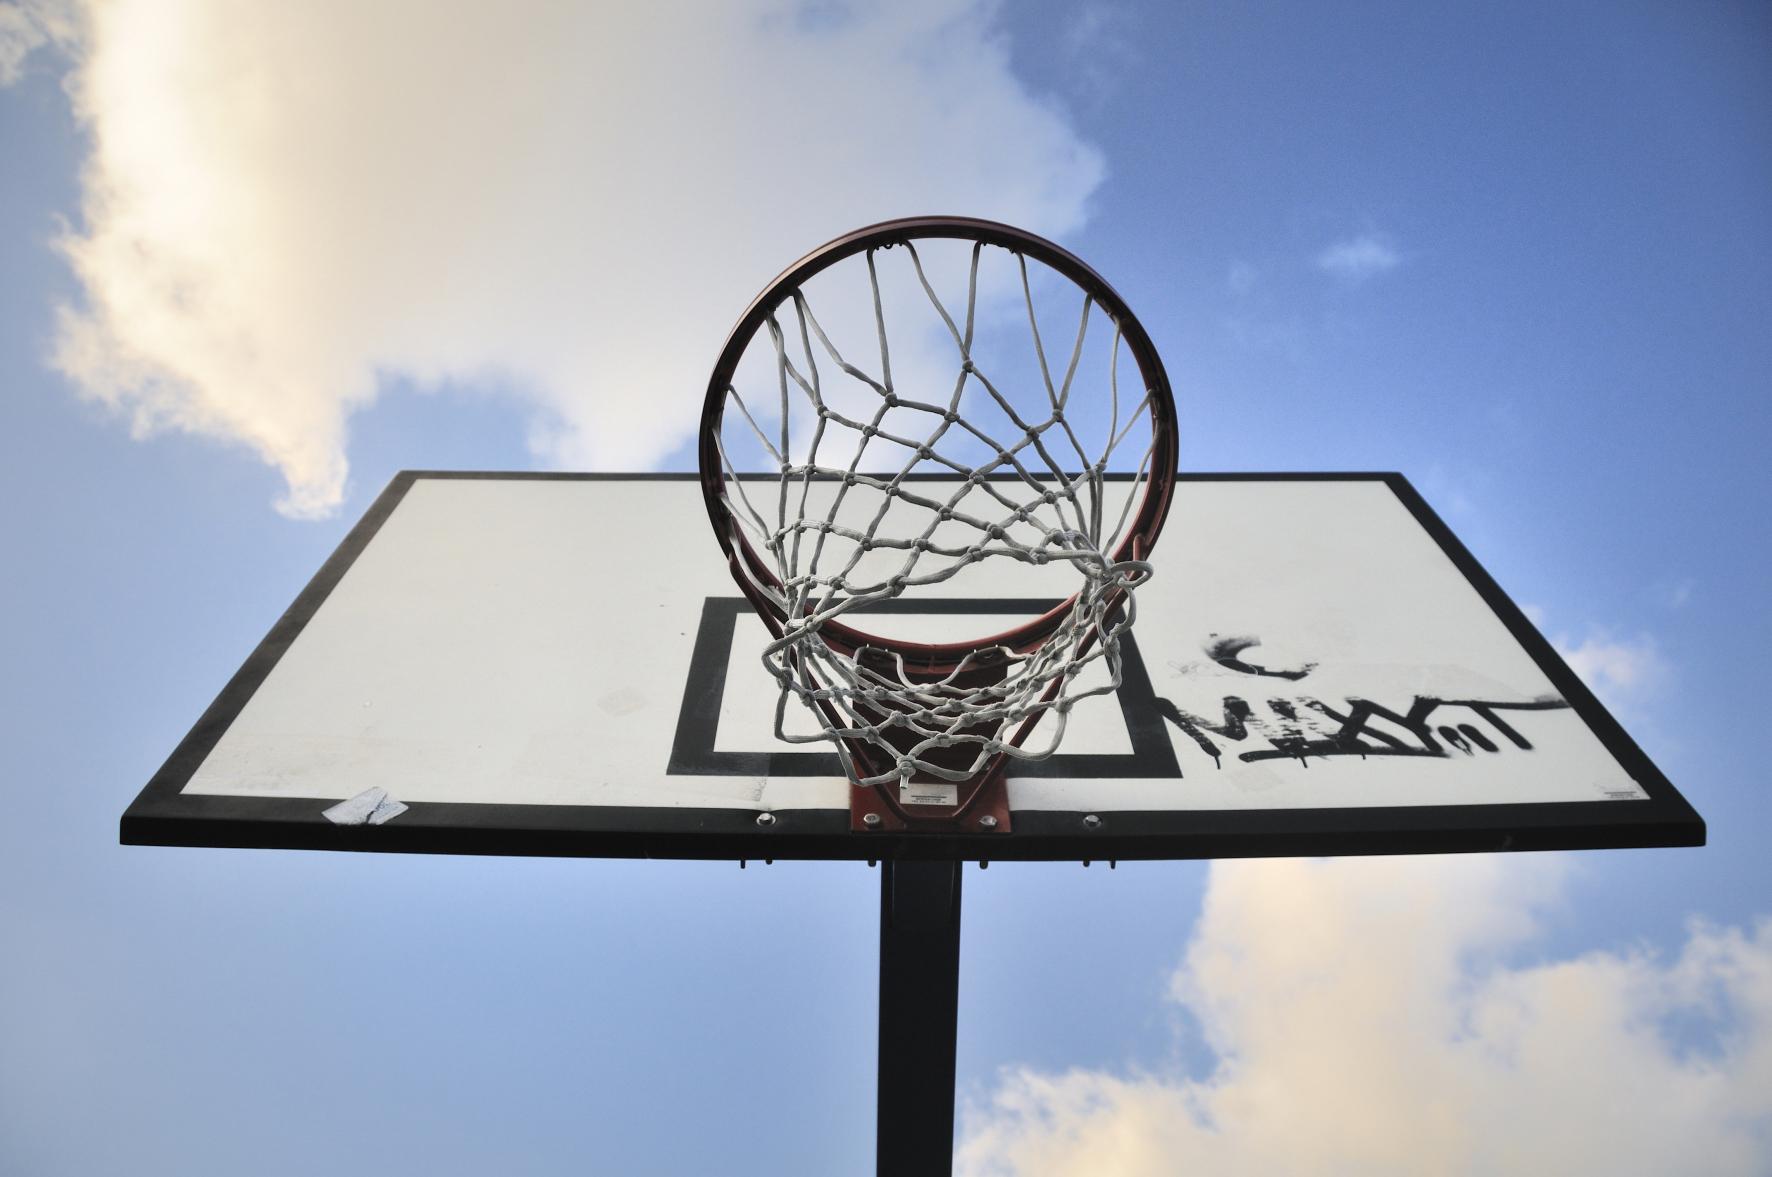 Panier de basket 3 objets toute image niffylux banque d 39 images - Panier de basket prix ...